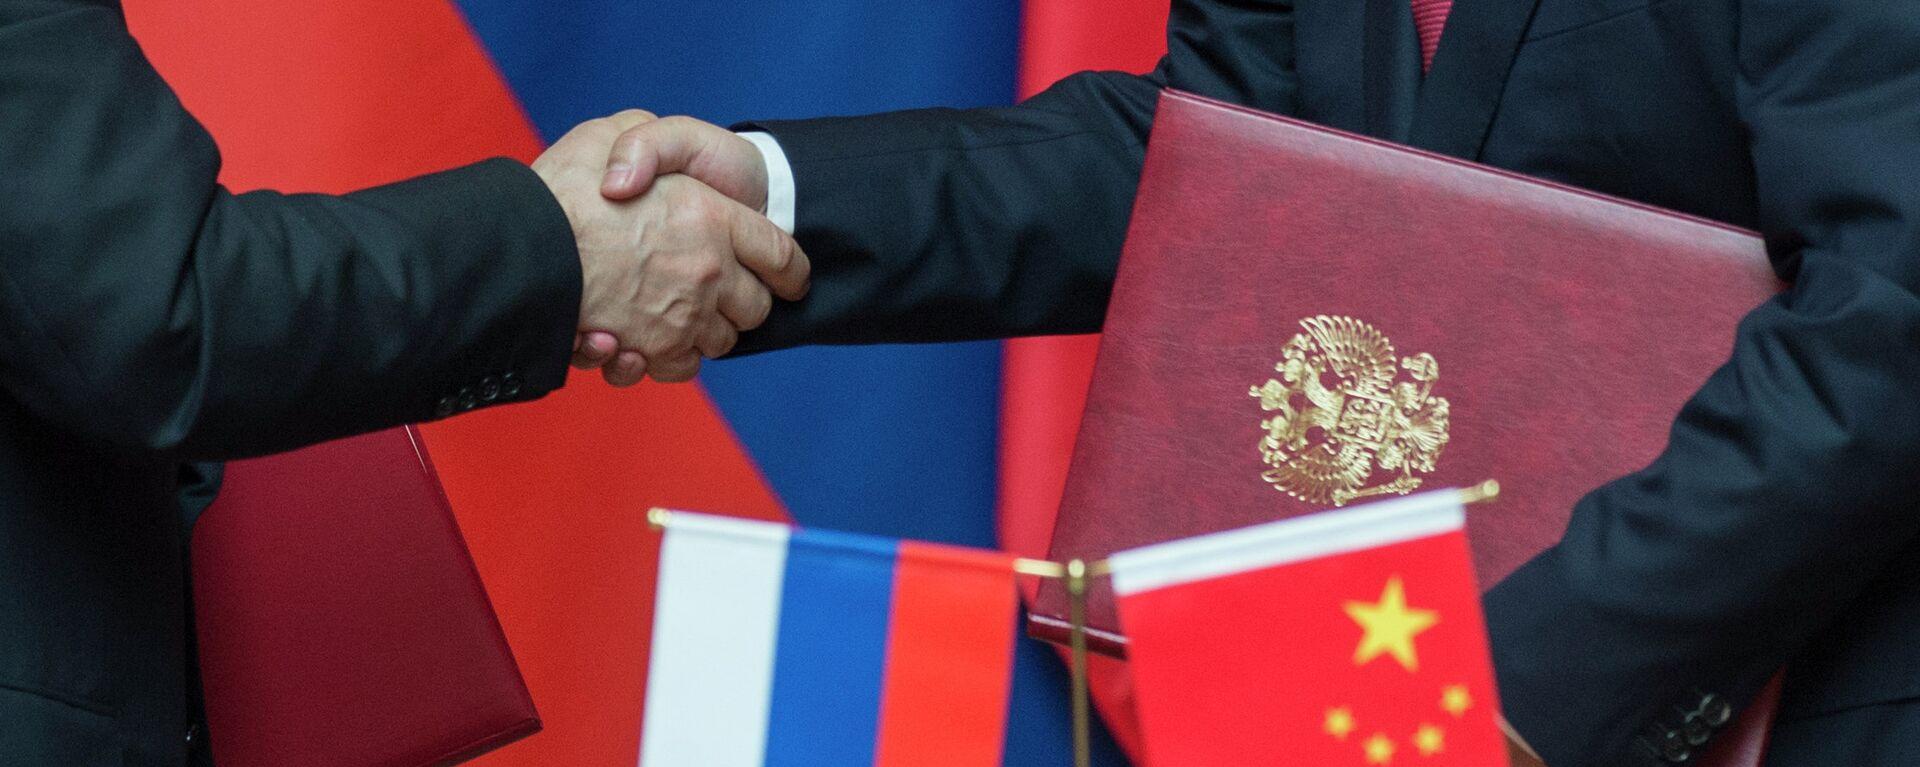 Las banderas de Rusia y China - Sputnik Mundo, 1920, 28.06.2021